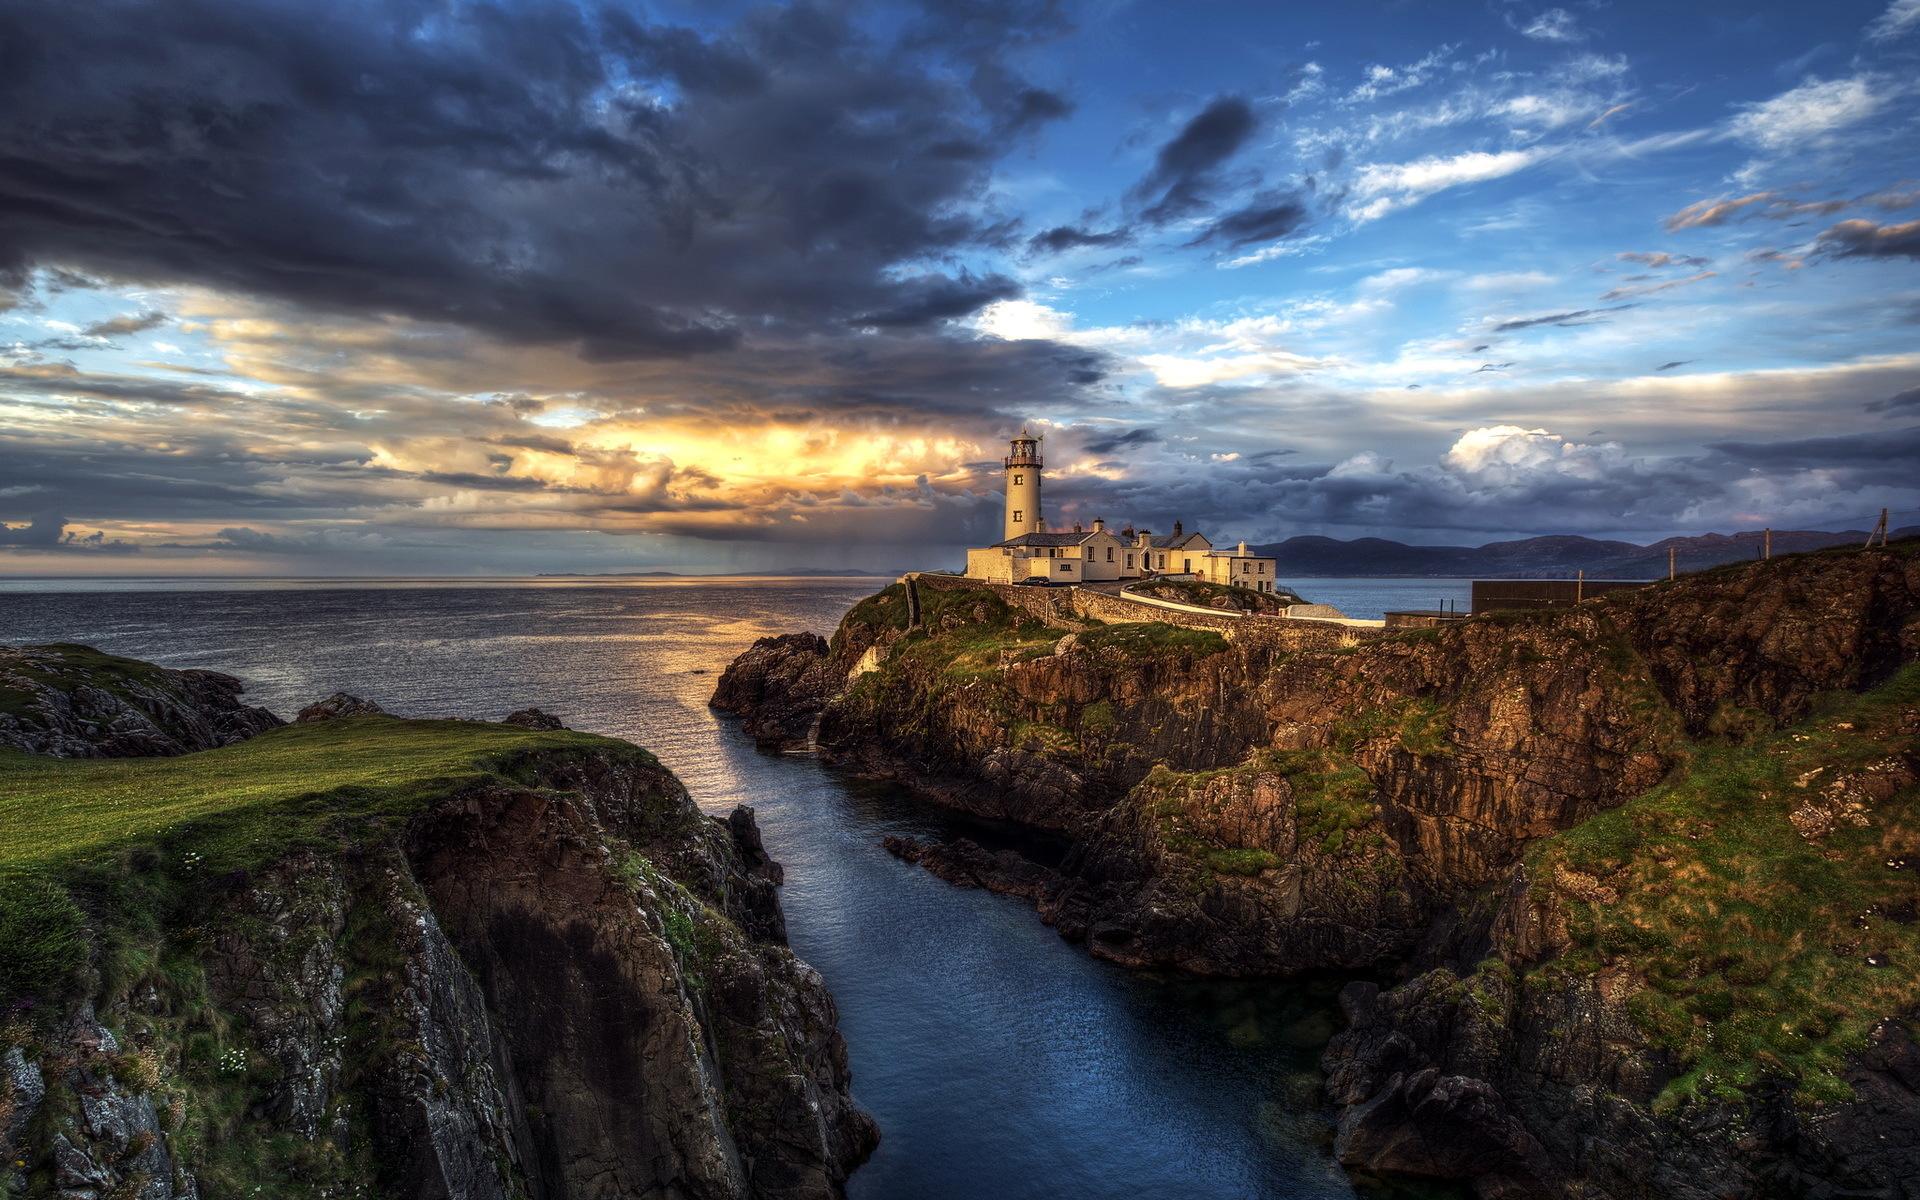 Ireland Seascape Lighthouse Ocean Wallpaper  1920x1200 210379